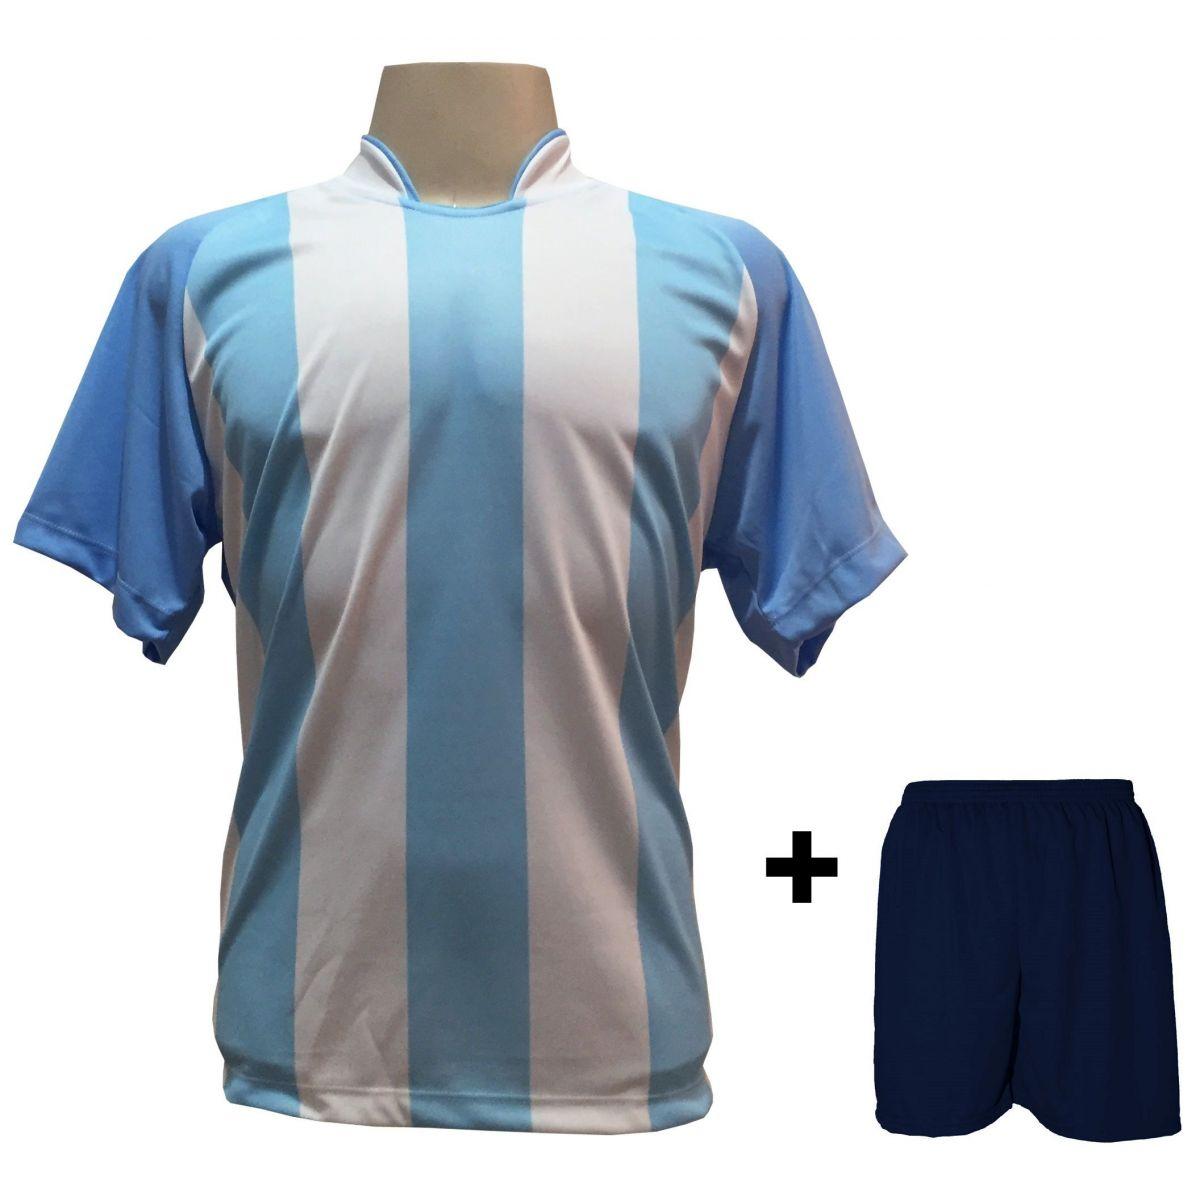 Uniforme Esportivo com 12 Camisas modelo Milan Celeste/Branco + 12 Calções modelo Madrid Marinho  - ESTAÇÃO DO ESPORTE